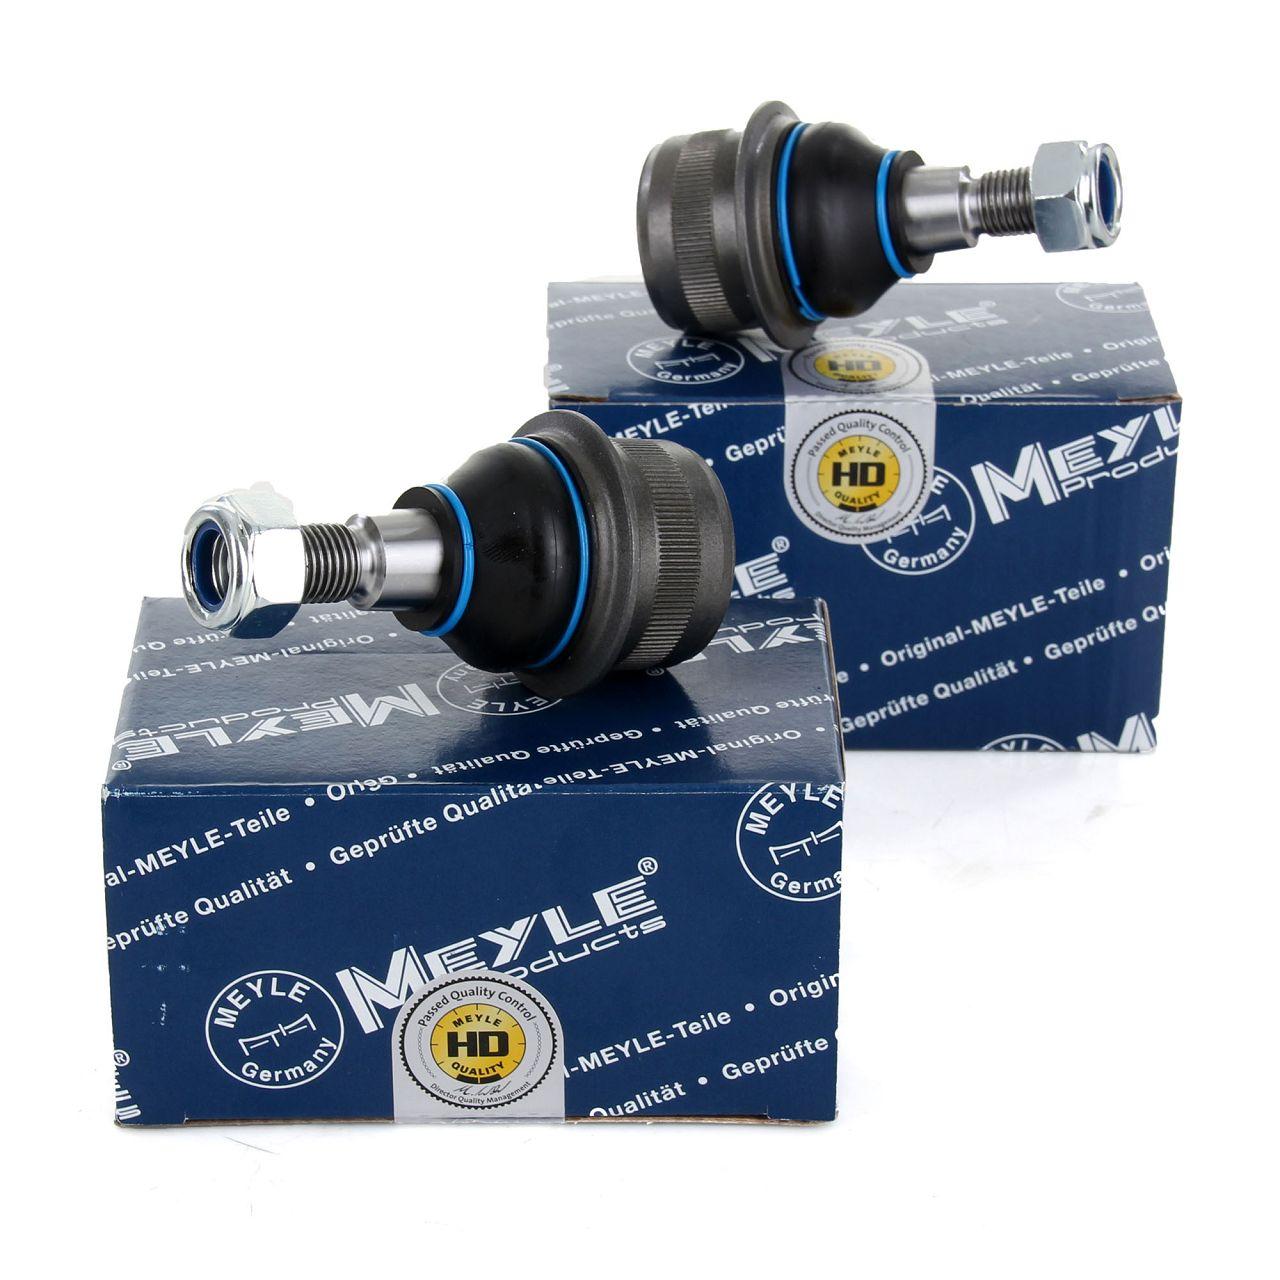 2x MEYLE 0160100002HD VERSTÄRKT Traggelenk MERCEDES W211 W220 C219 R230 vorne unten außen